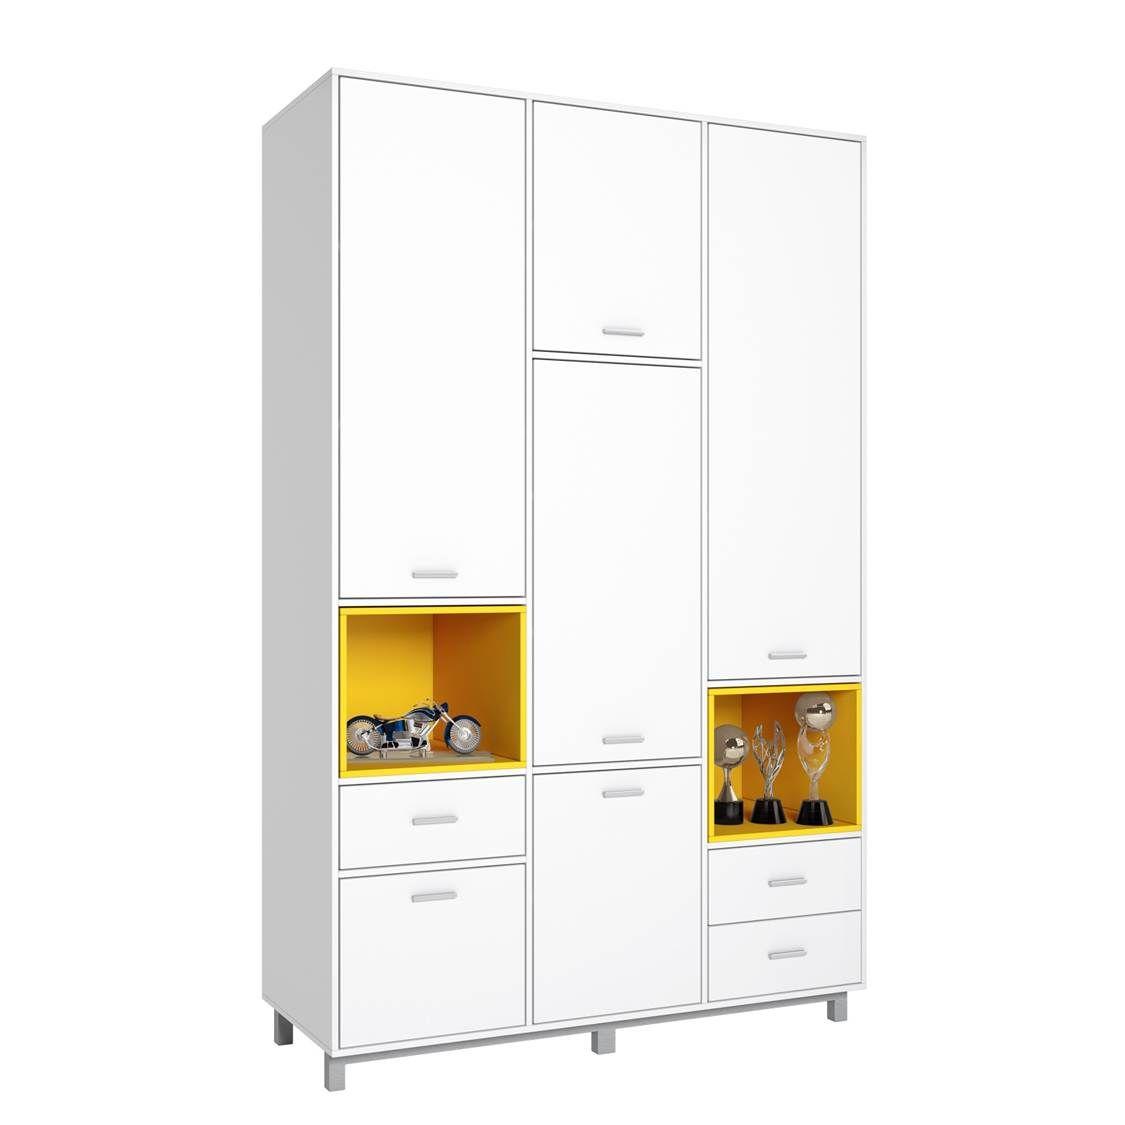 Купить Детский шкаф трехсекционный Polini kids Mirum 2335, белый, желтый, Шкафы в детскую комнату